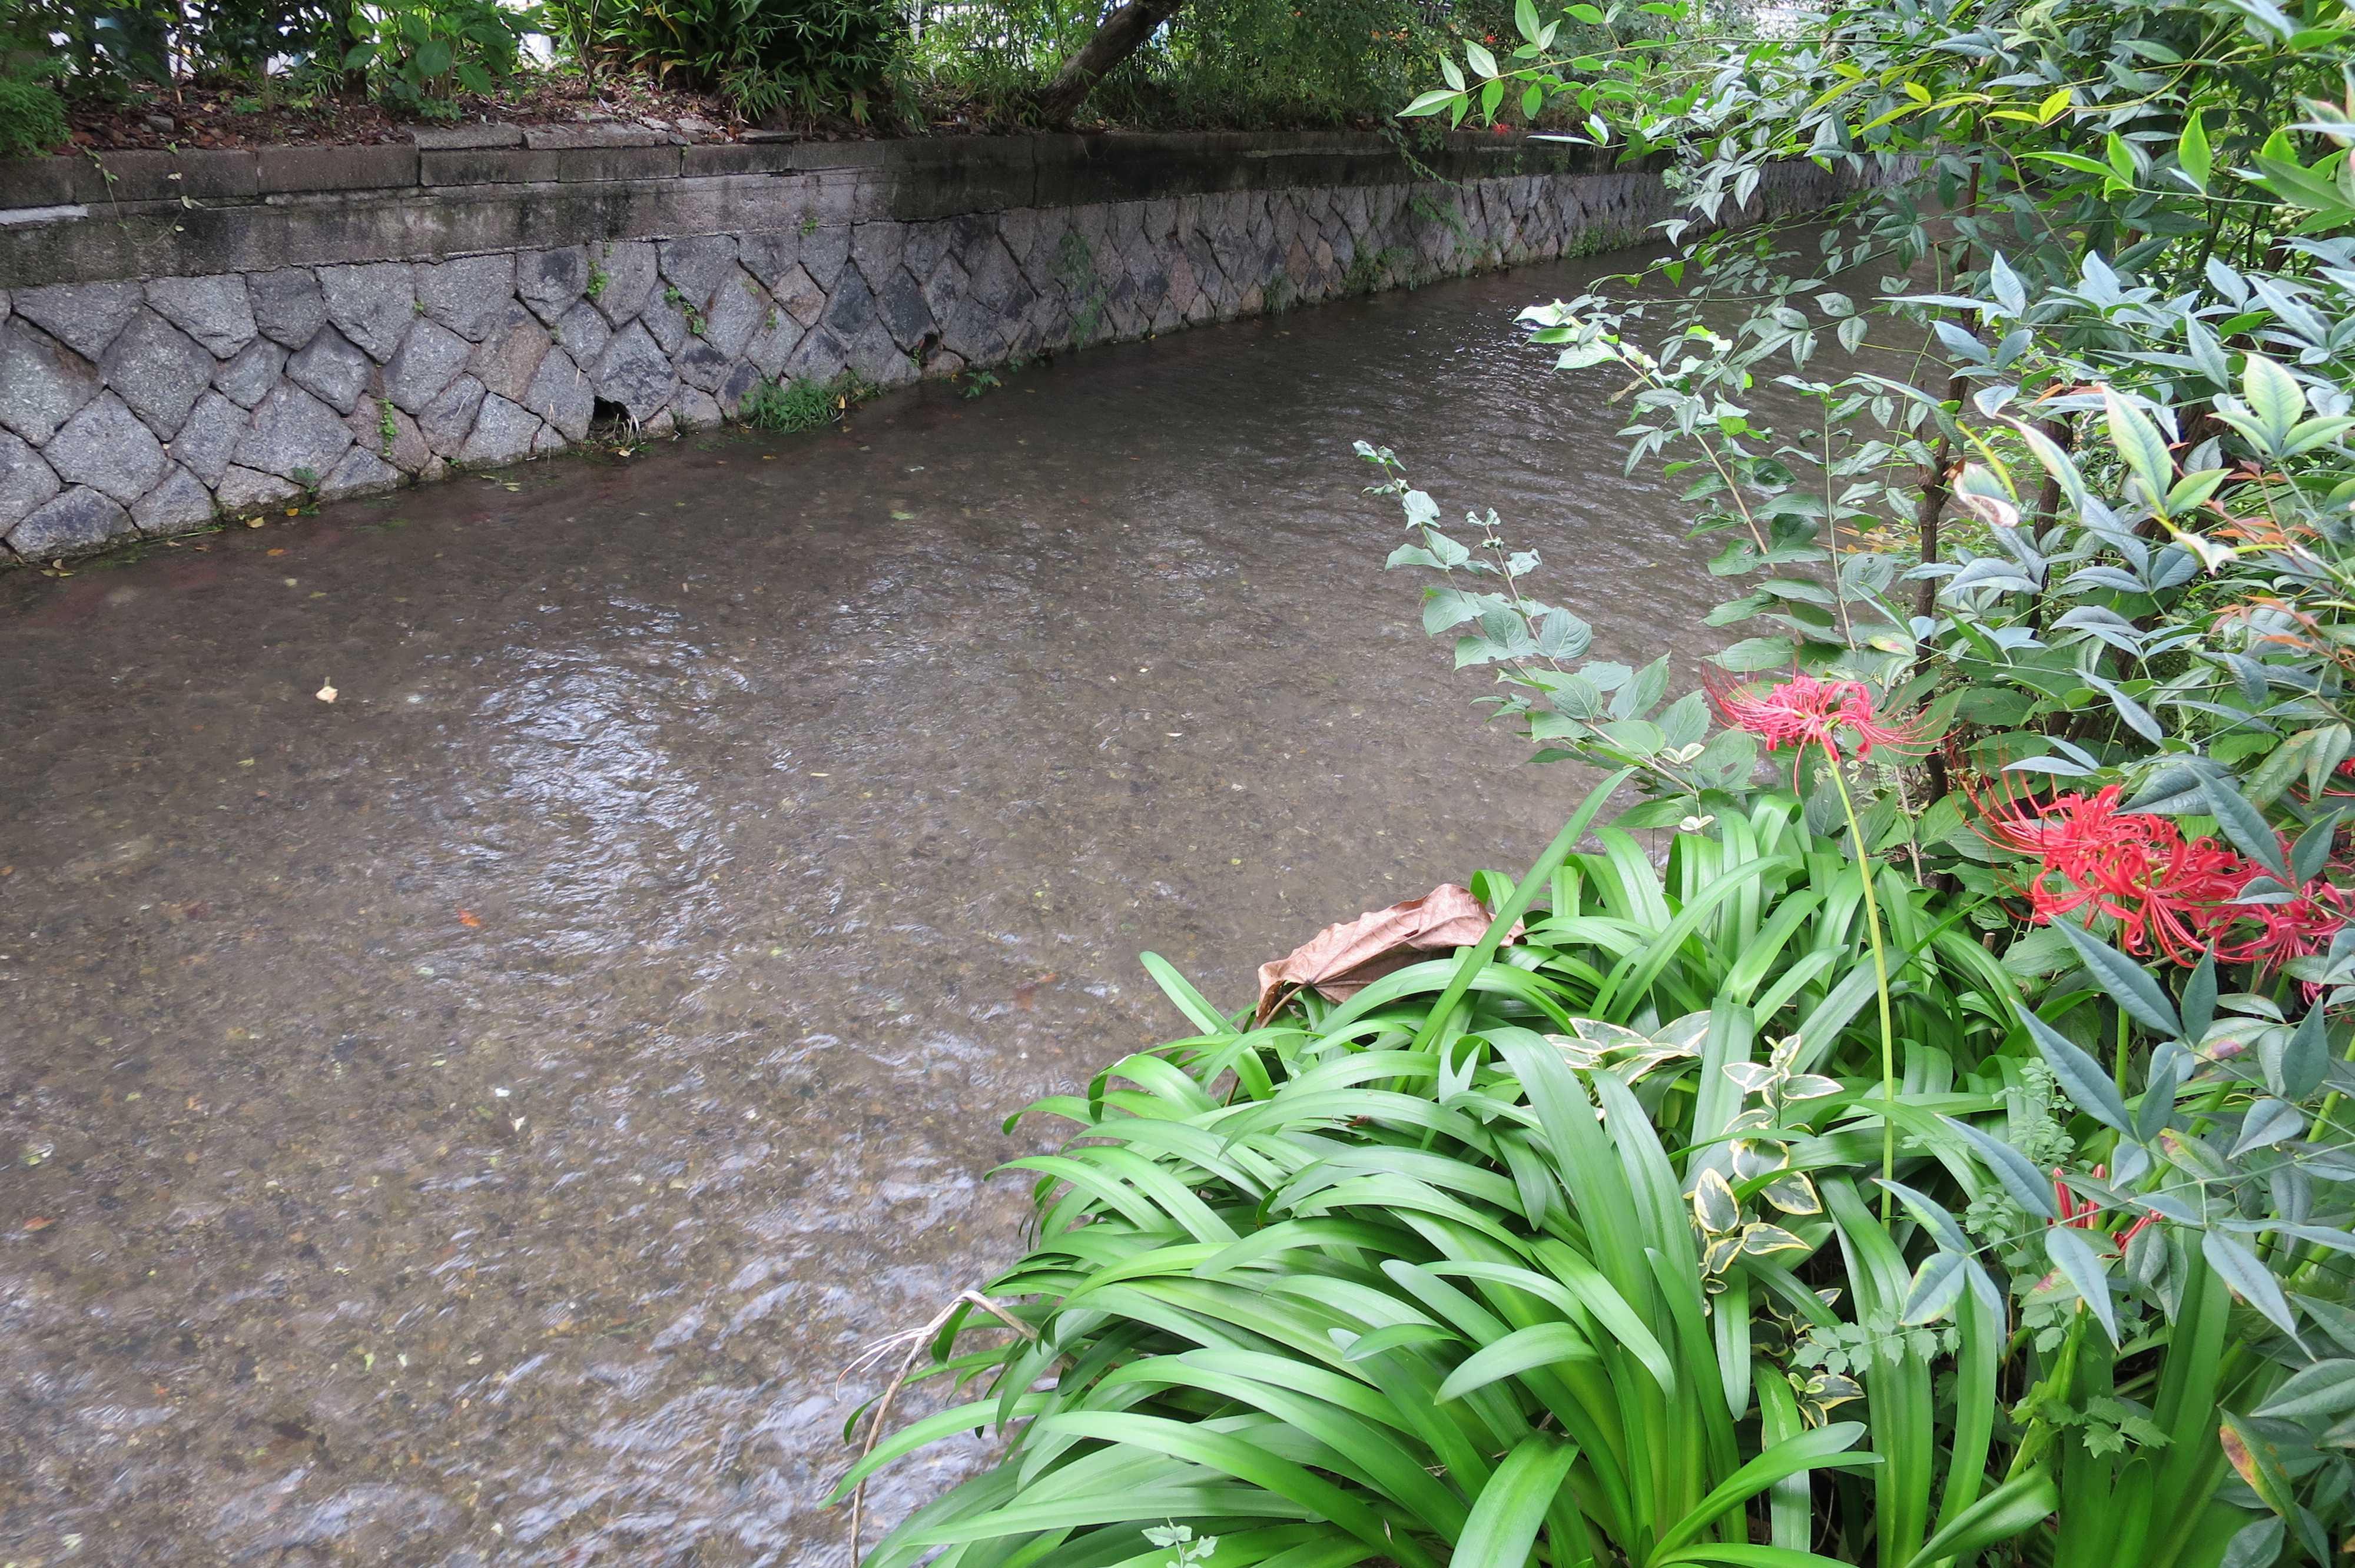 京都・五条 - 高瀬川と赤い彼岸花(ヒガンバナ)/ 曼珠沙華(マンジュシャゲ)